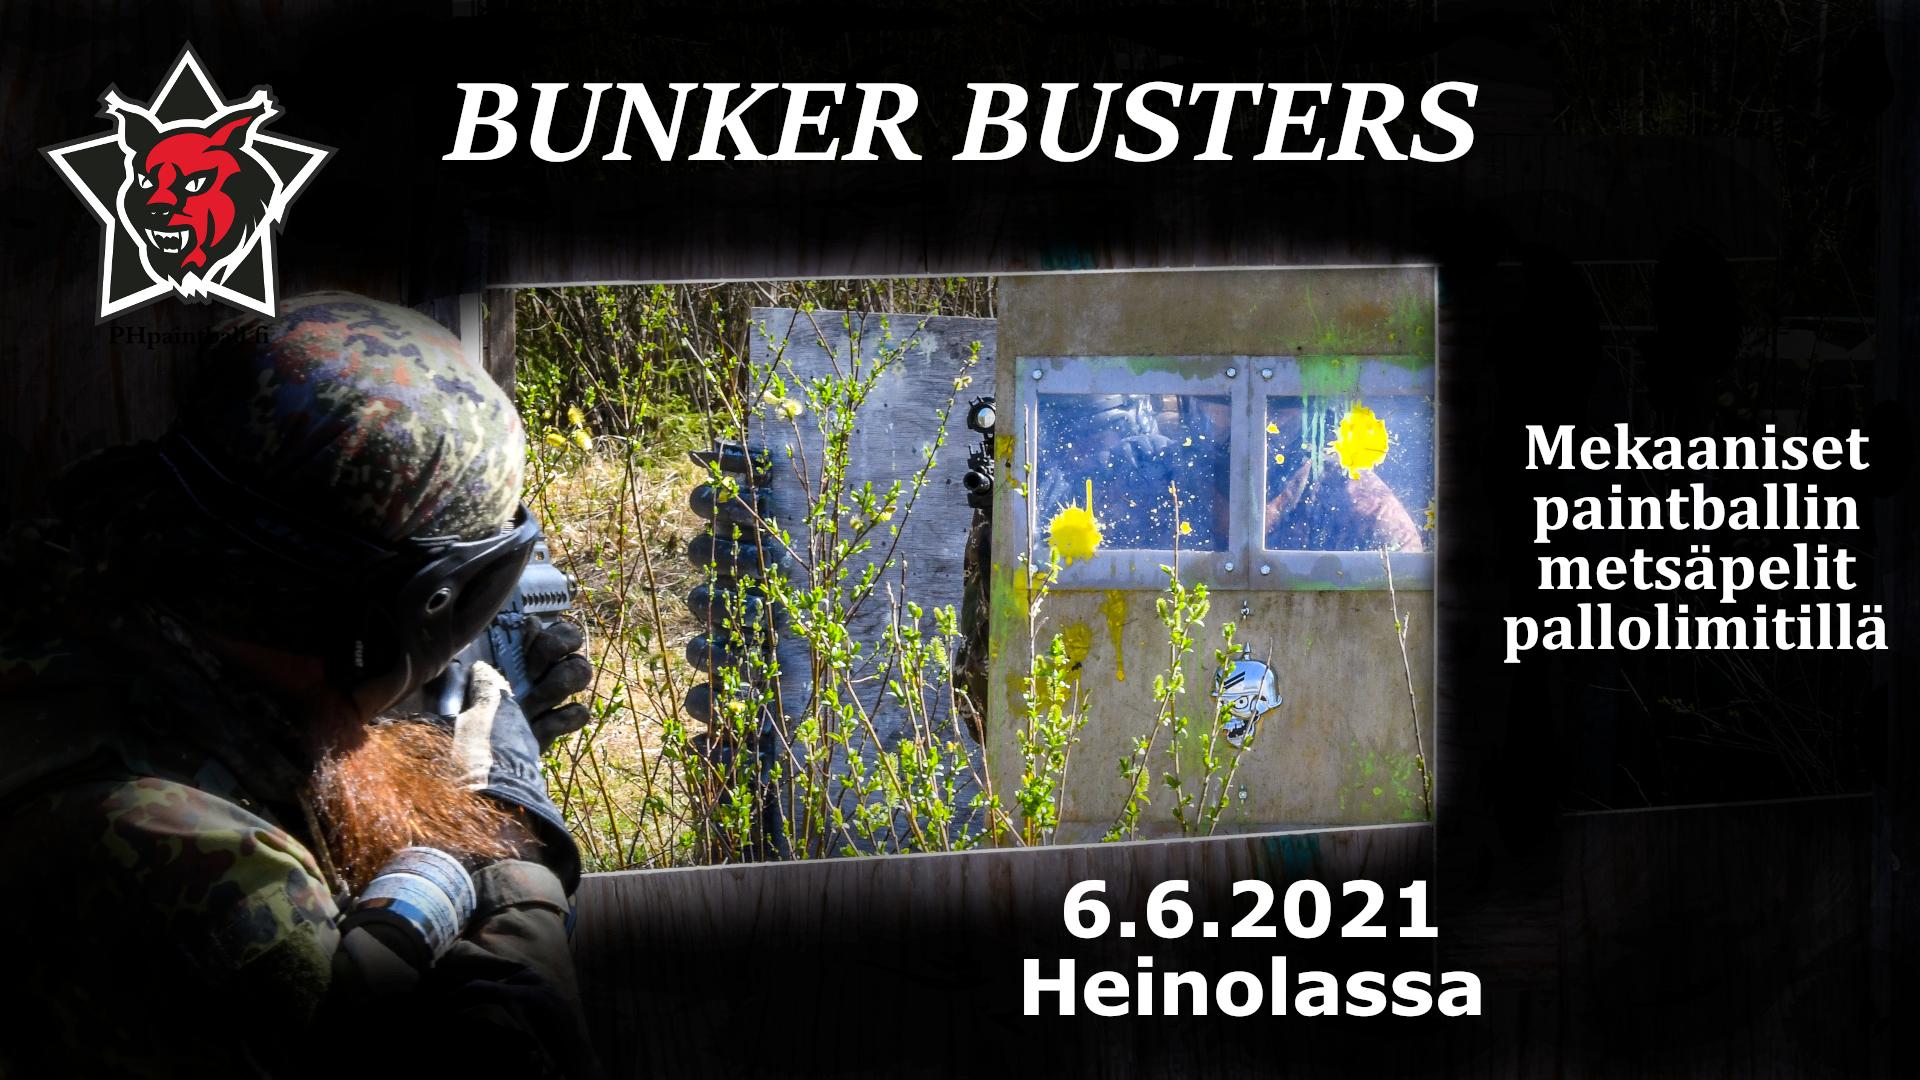 bunkerbusters2021.jpg